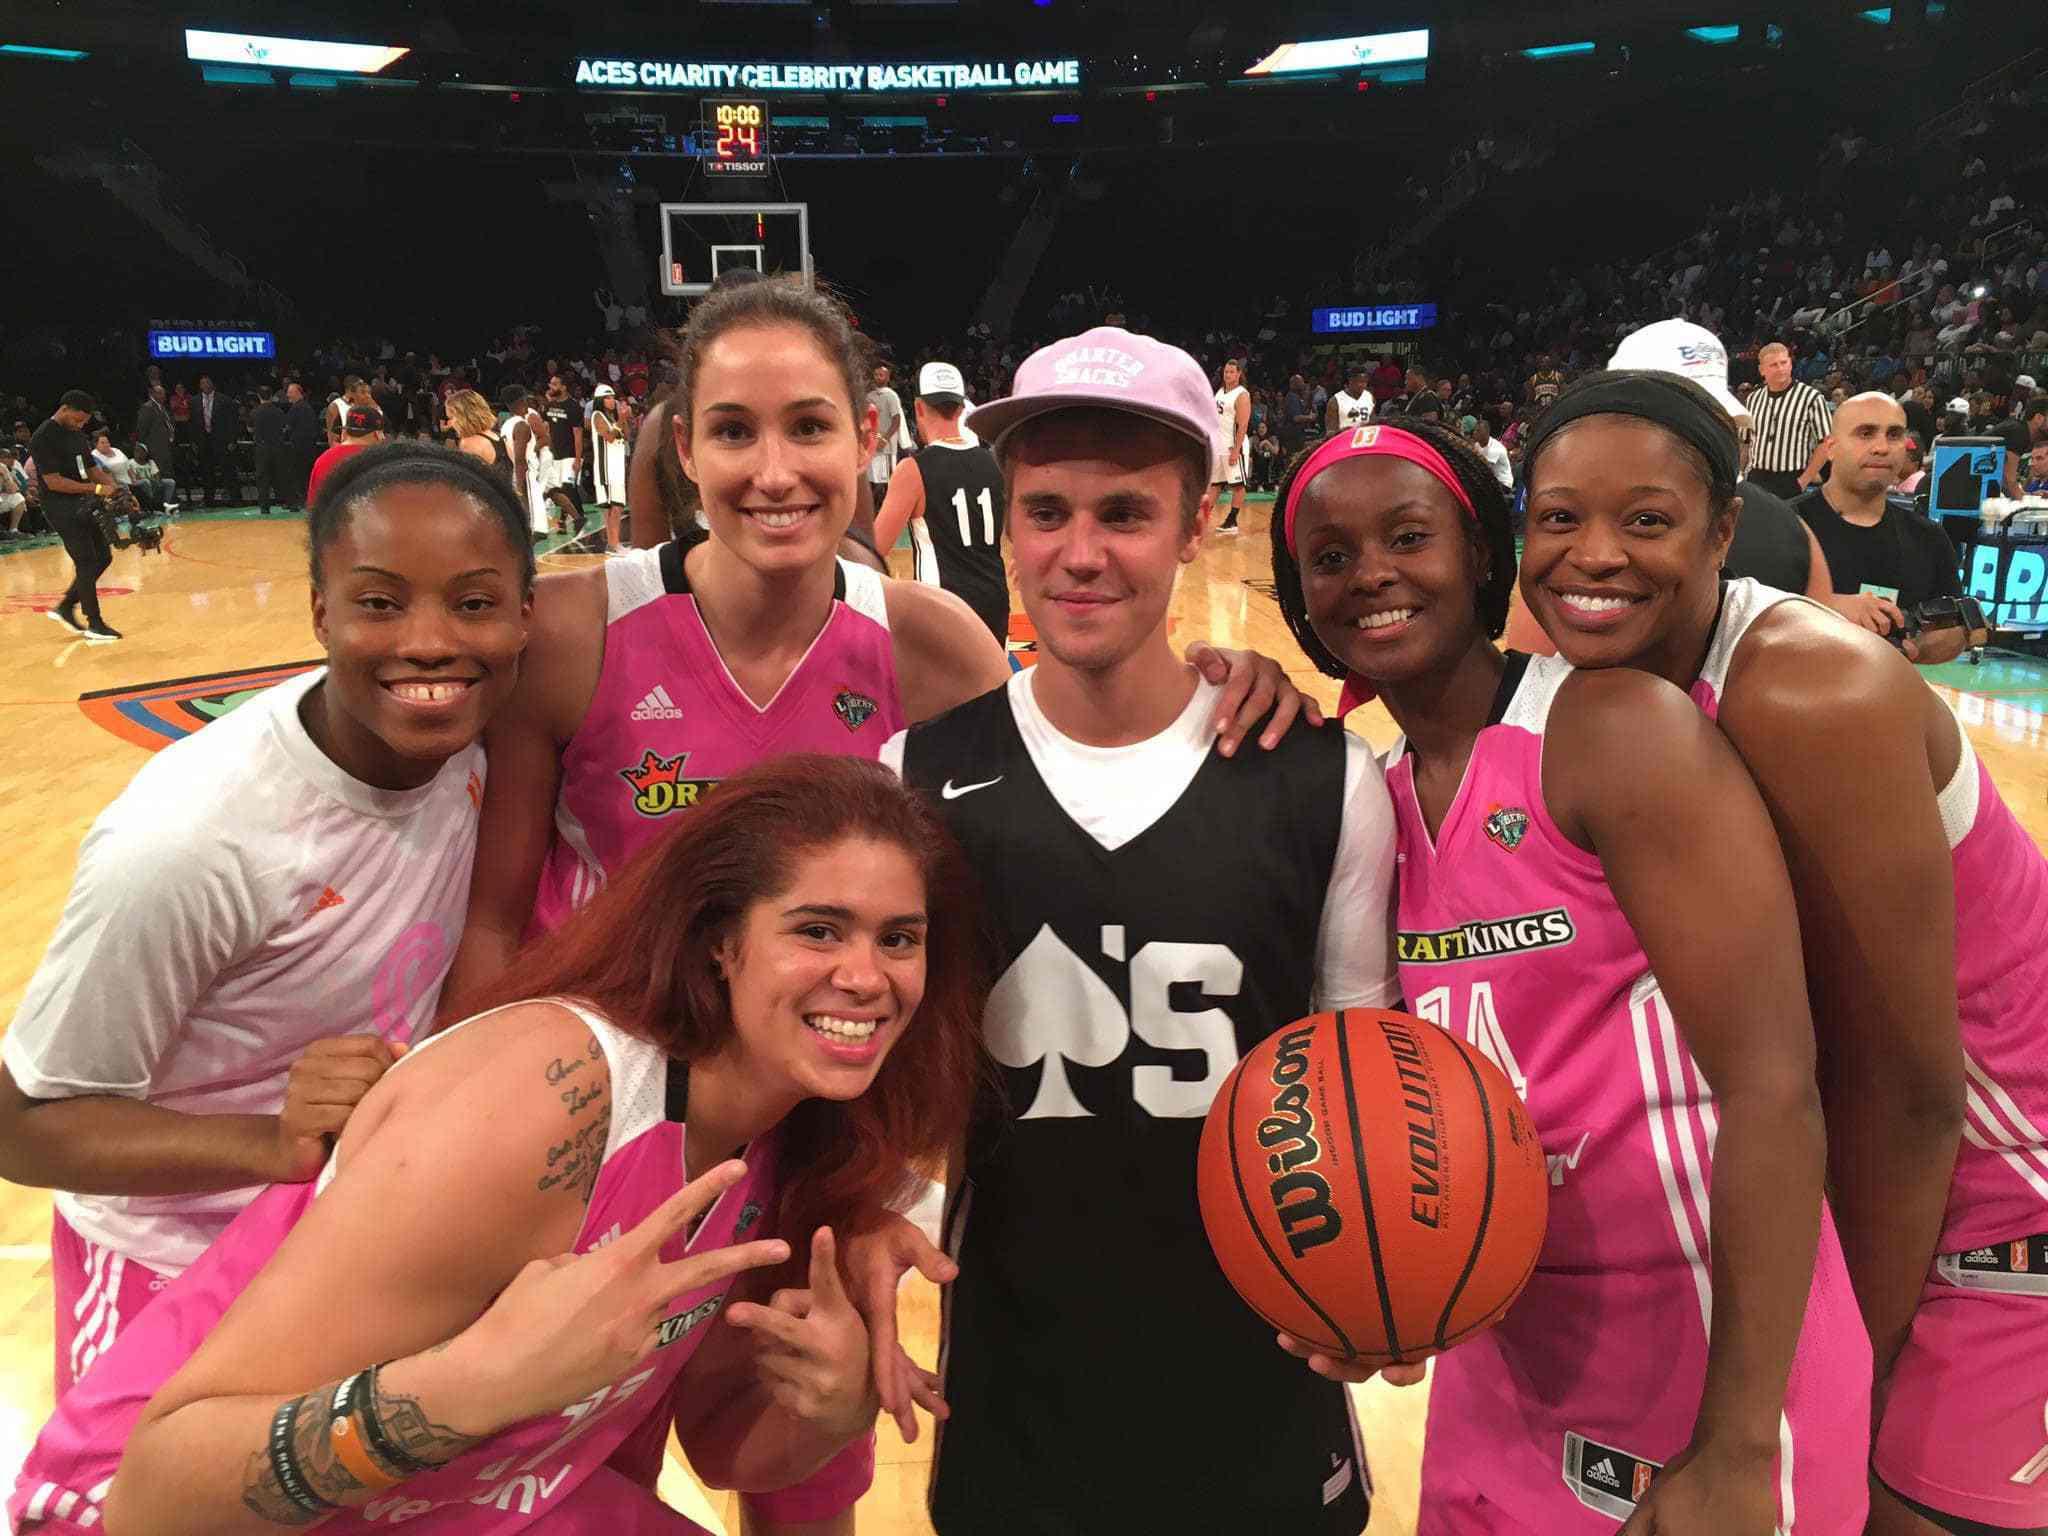 贾斯汀-比伯与WNBA球员合影